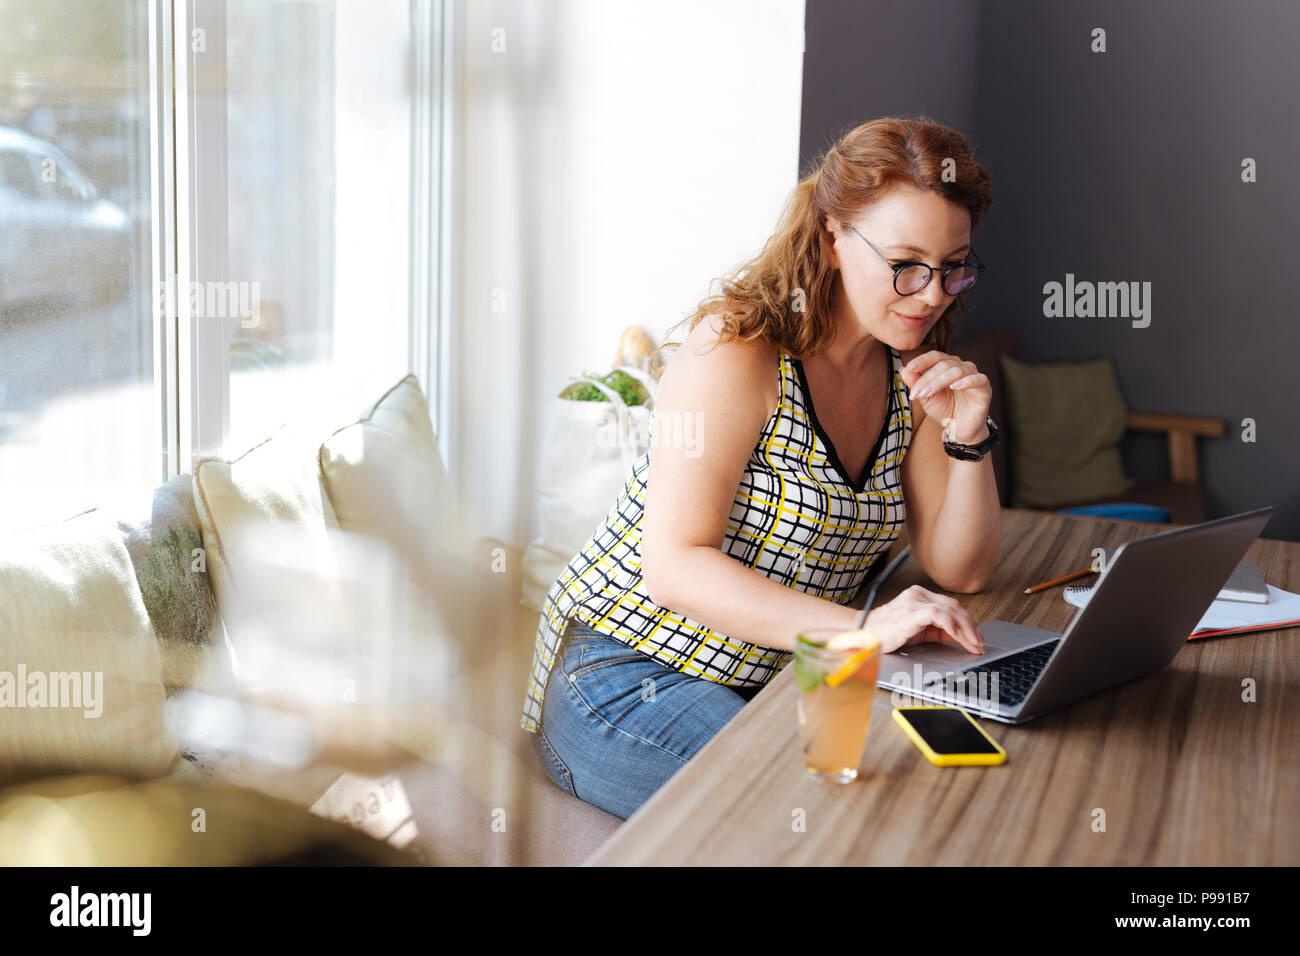 Escritor freelance pelirrojo sentado en el café mientras trabajando duro Imagen De Stock